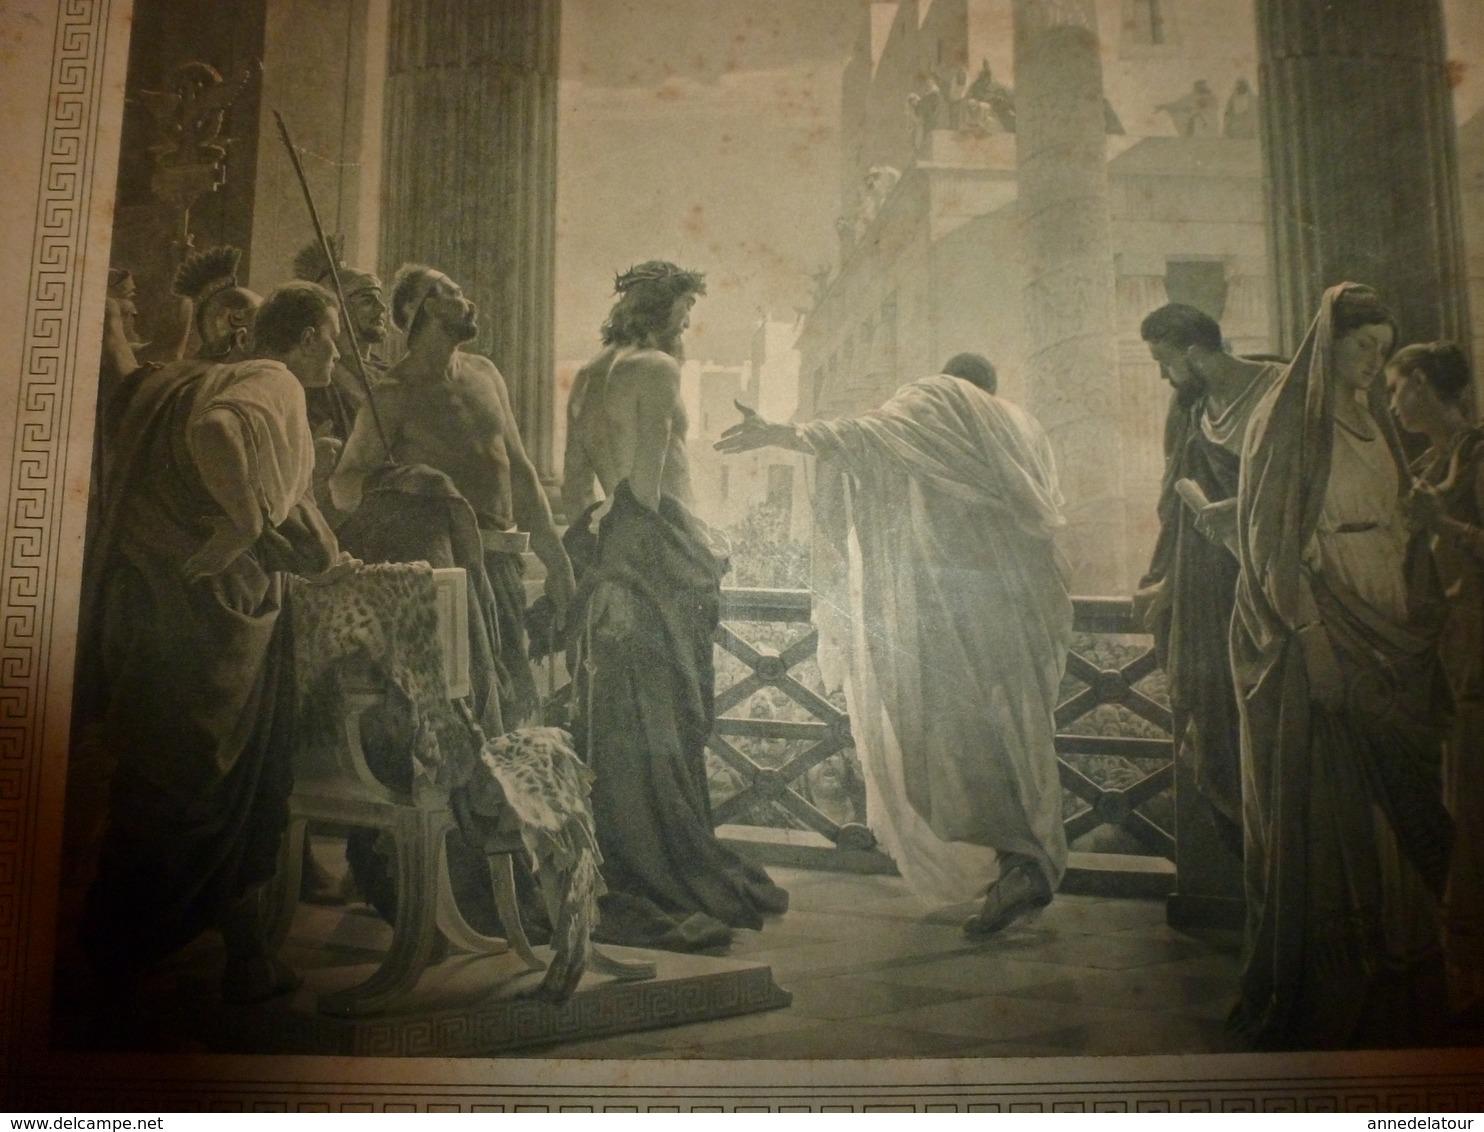 Ancien Carton Publicitaire Offert Par CHOCOLATERIE D' AIGUEBELLE (Drôme) :ECCE HOMO Par Ant. Ciseri,Galerie Nle à Rome - Placas De Cartón